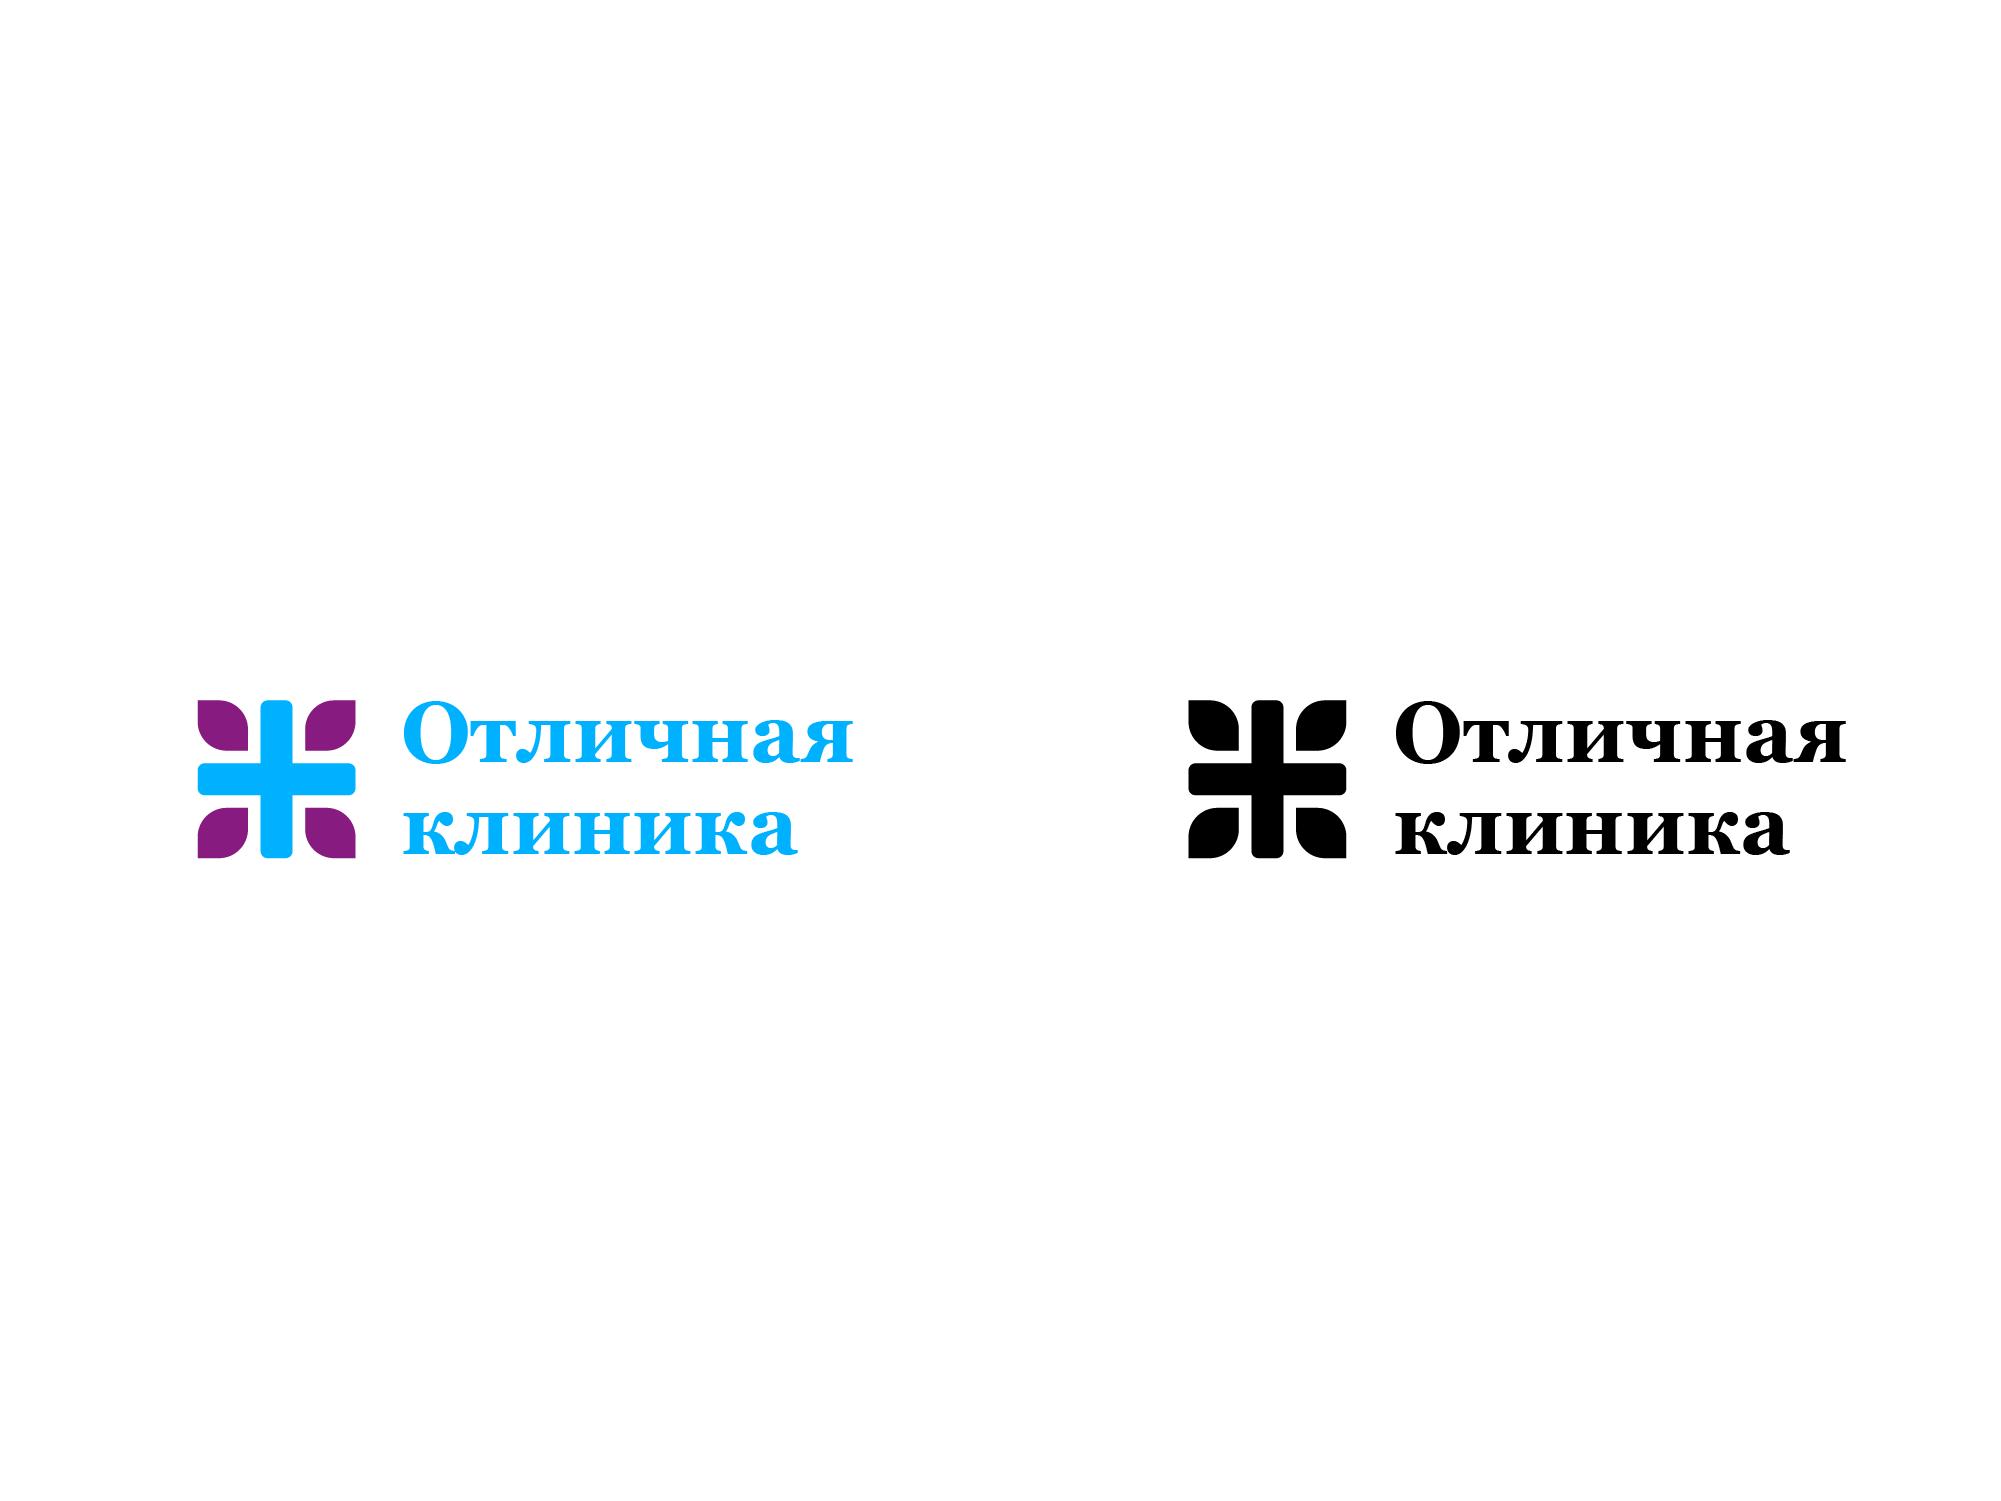 Логотип и фирменный стиль частной клиники фото f_8235c908f92ee380.png